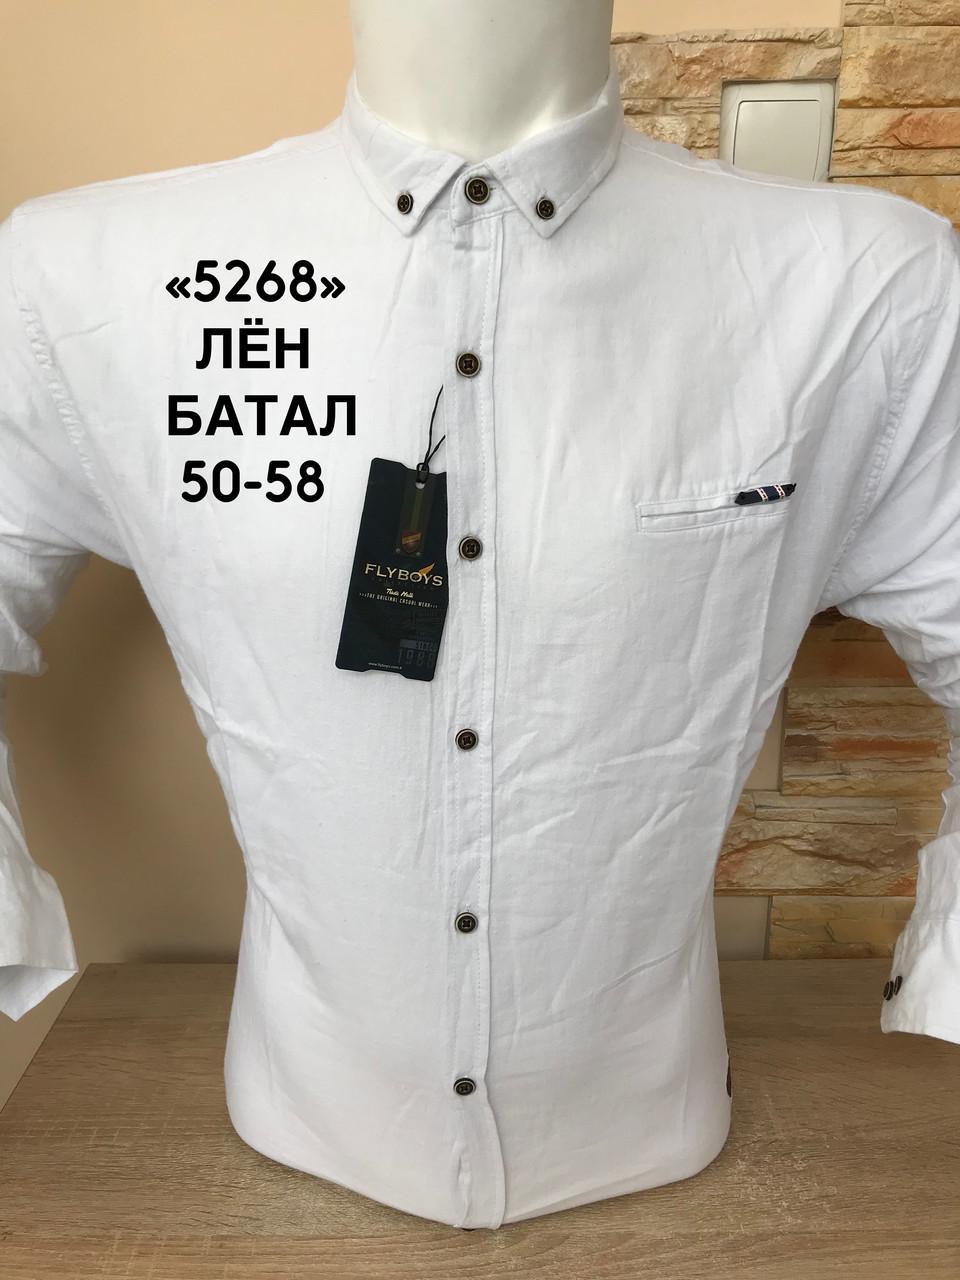 Льняная батальная рубашка с длин. рукавом  FlyBoys - 5268